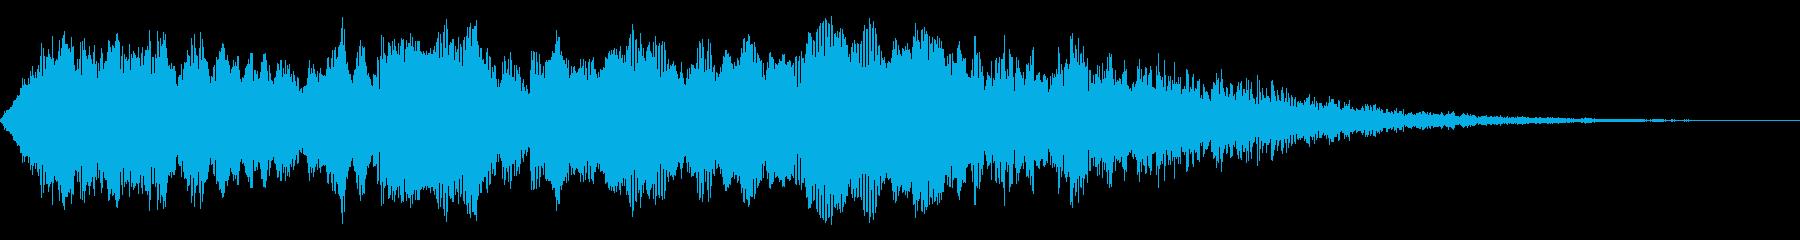 ディープハウリングドローン、ホラー...の再生済みの波形